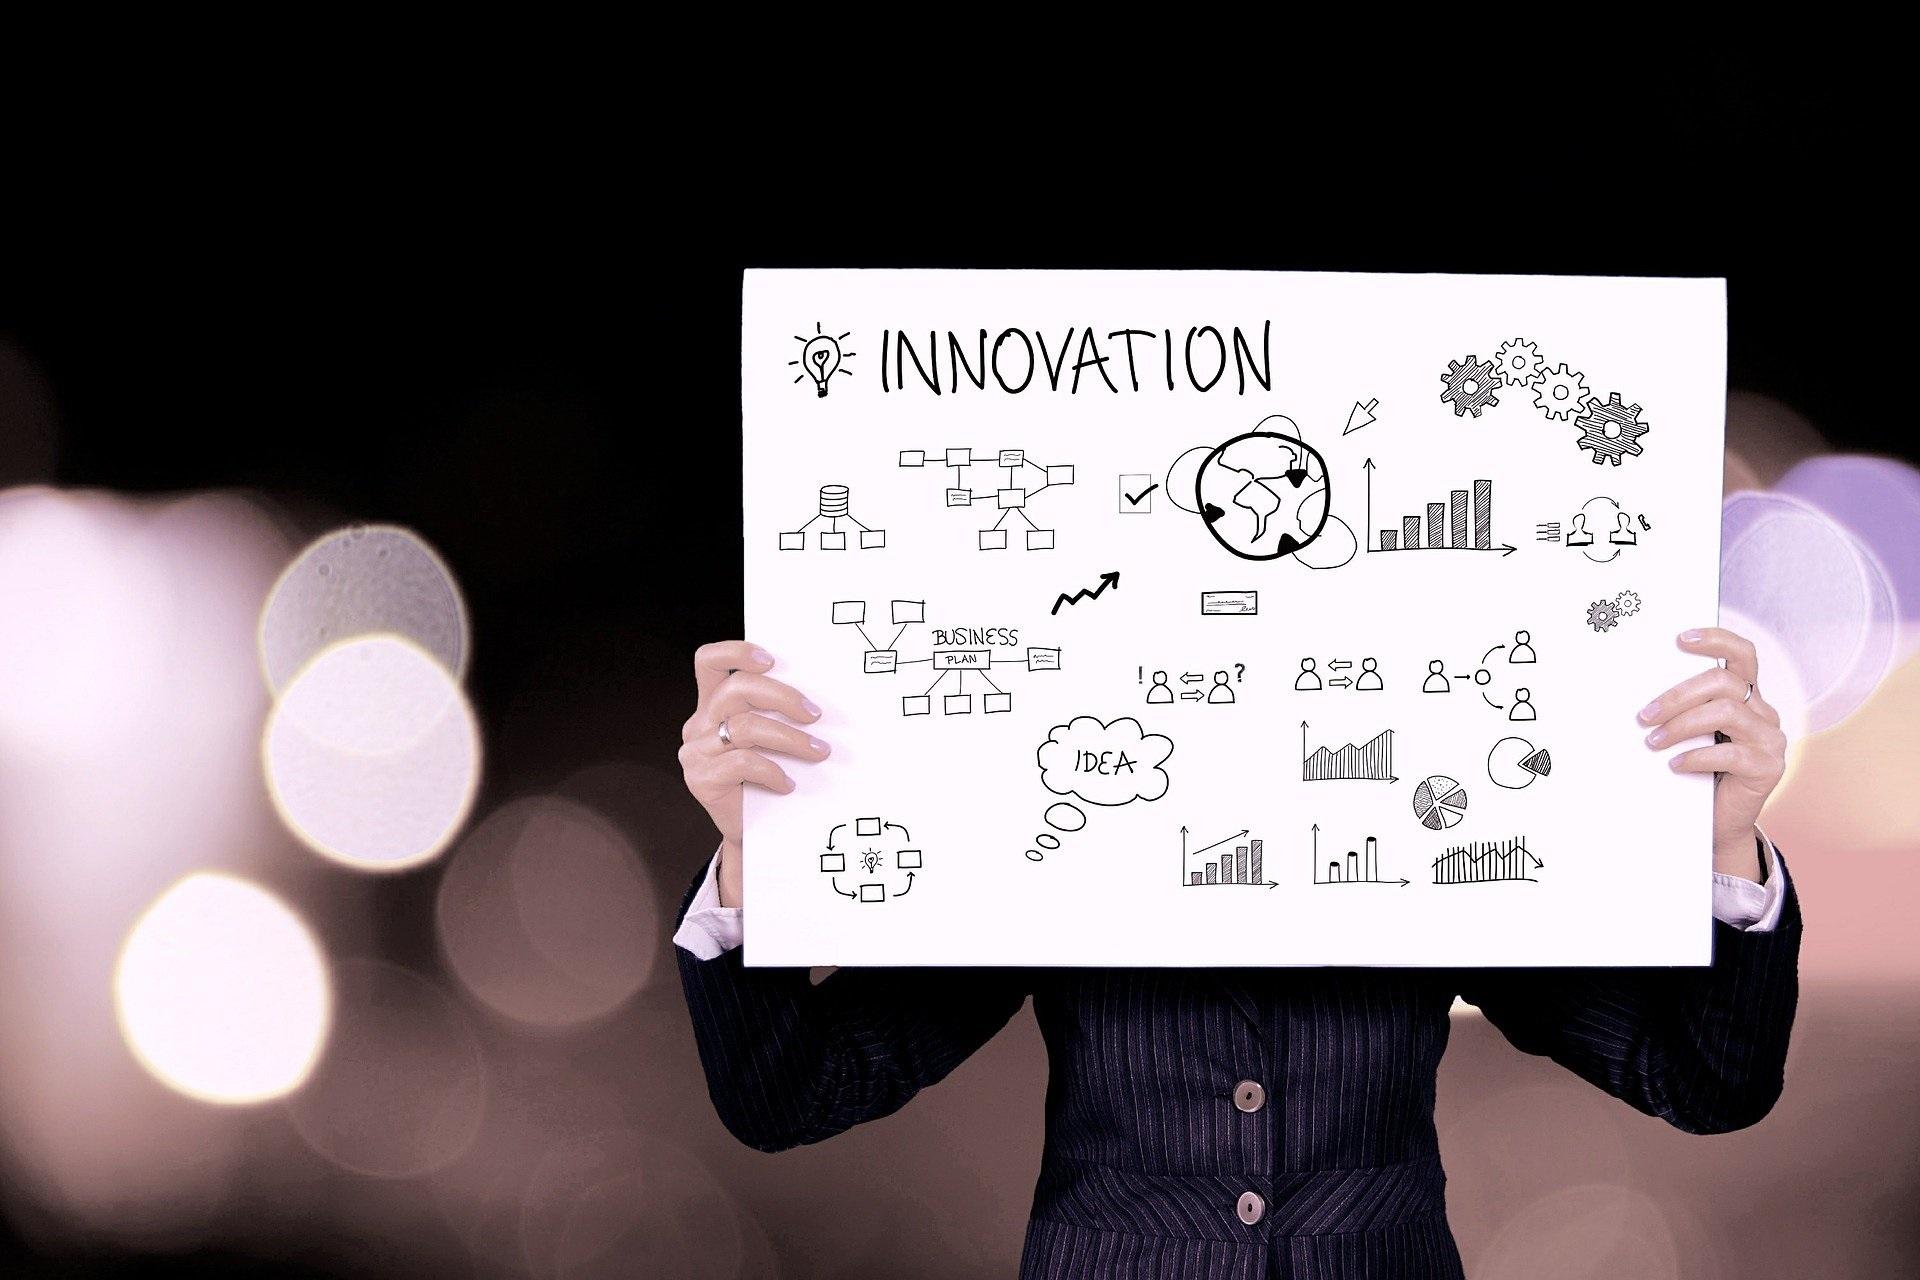 11456 innovation 561388 1920